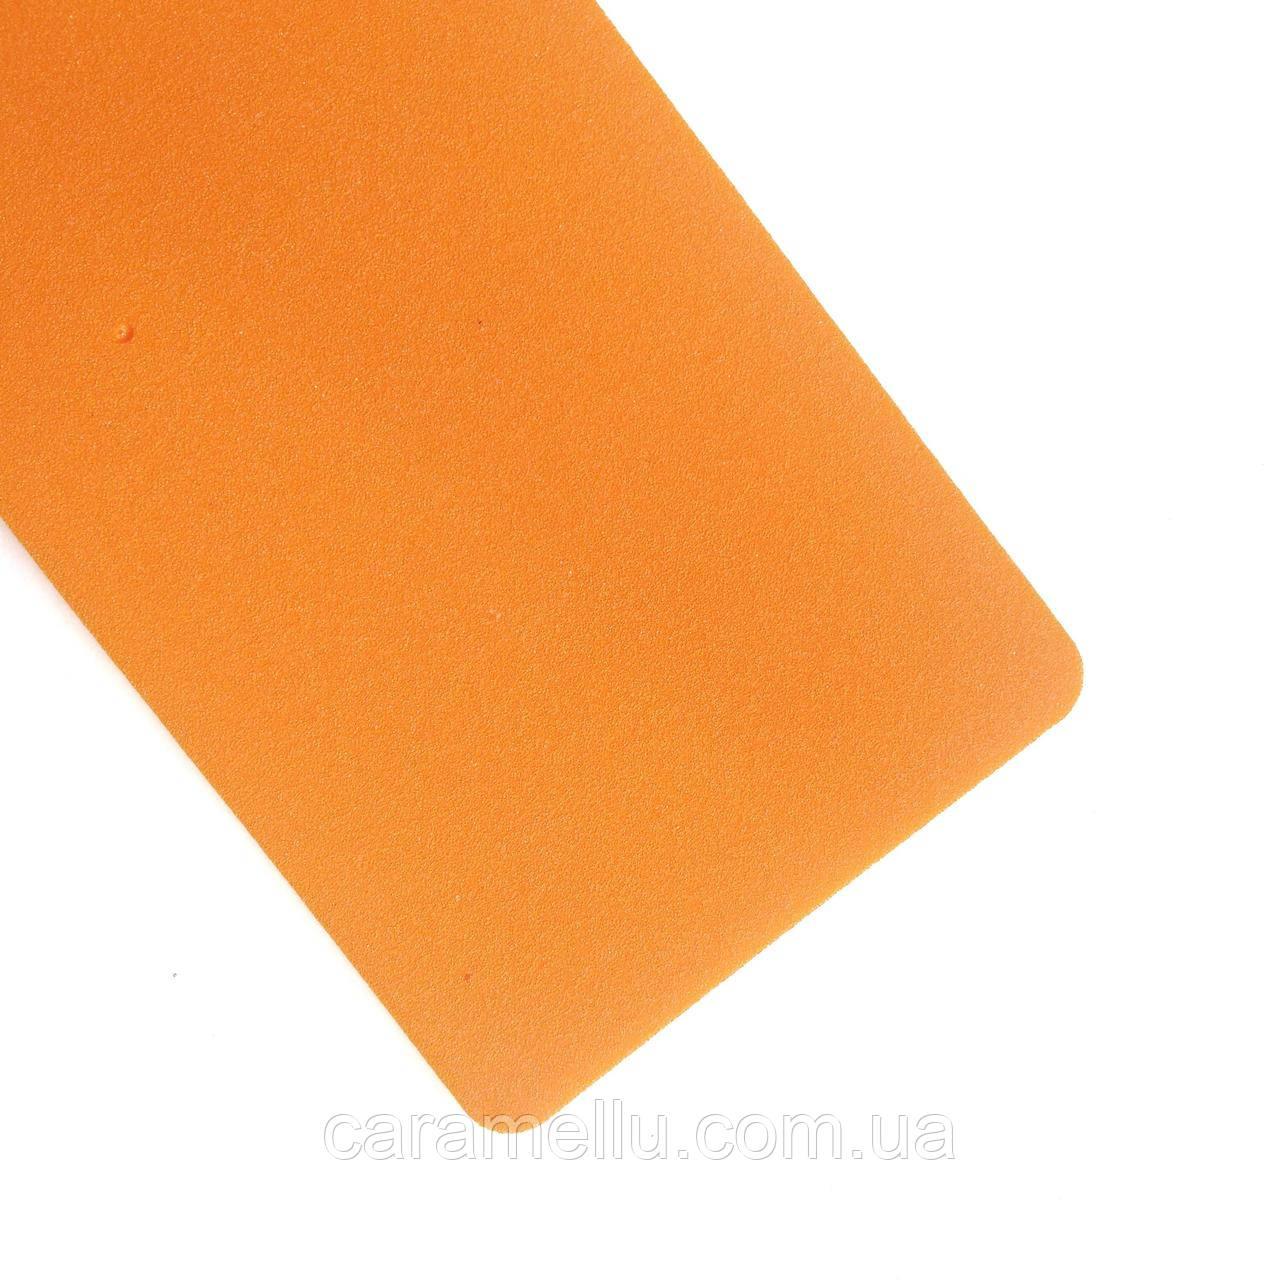 Фоамиран турецкий 2мм. Цвет Оранжевый. 50х25см.